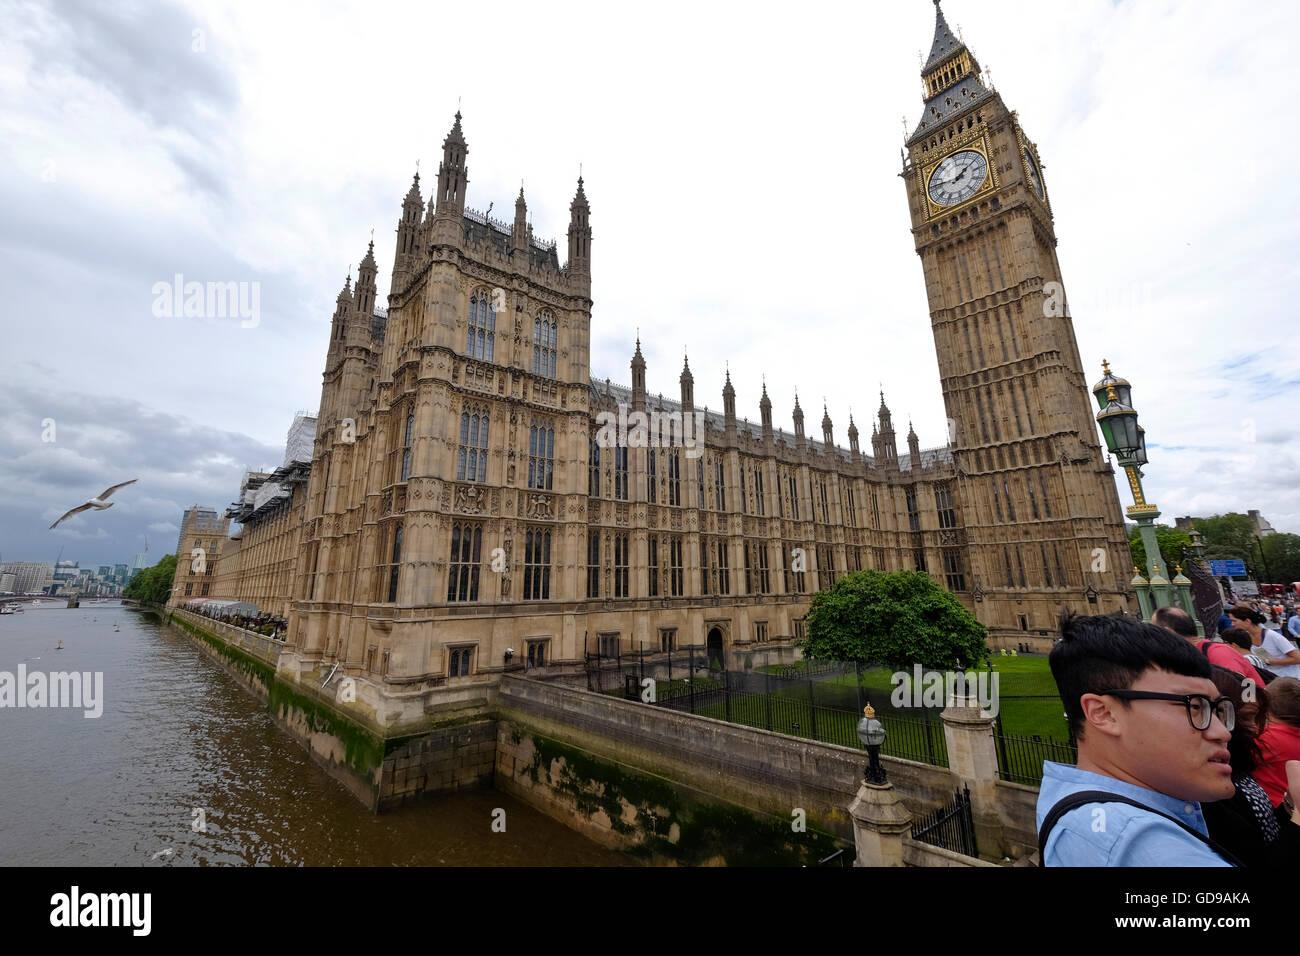 Un' immagine distorta della Casa del Parlamento un simbolo di Londra prese da Westminster Bridge con una vista Immagini Stock